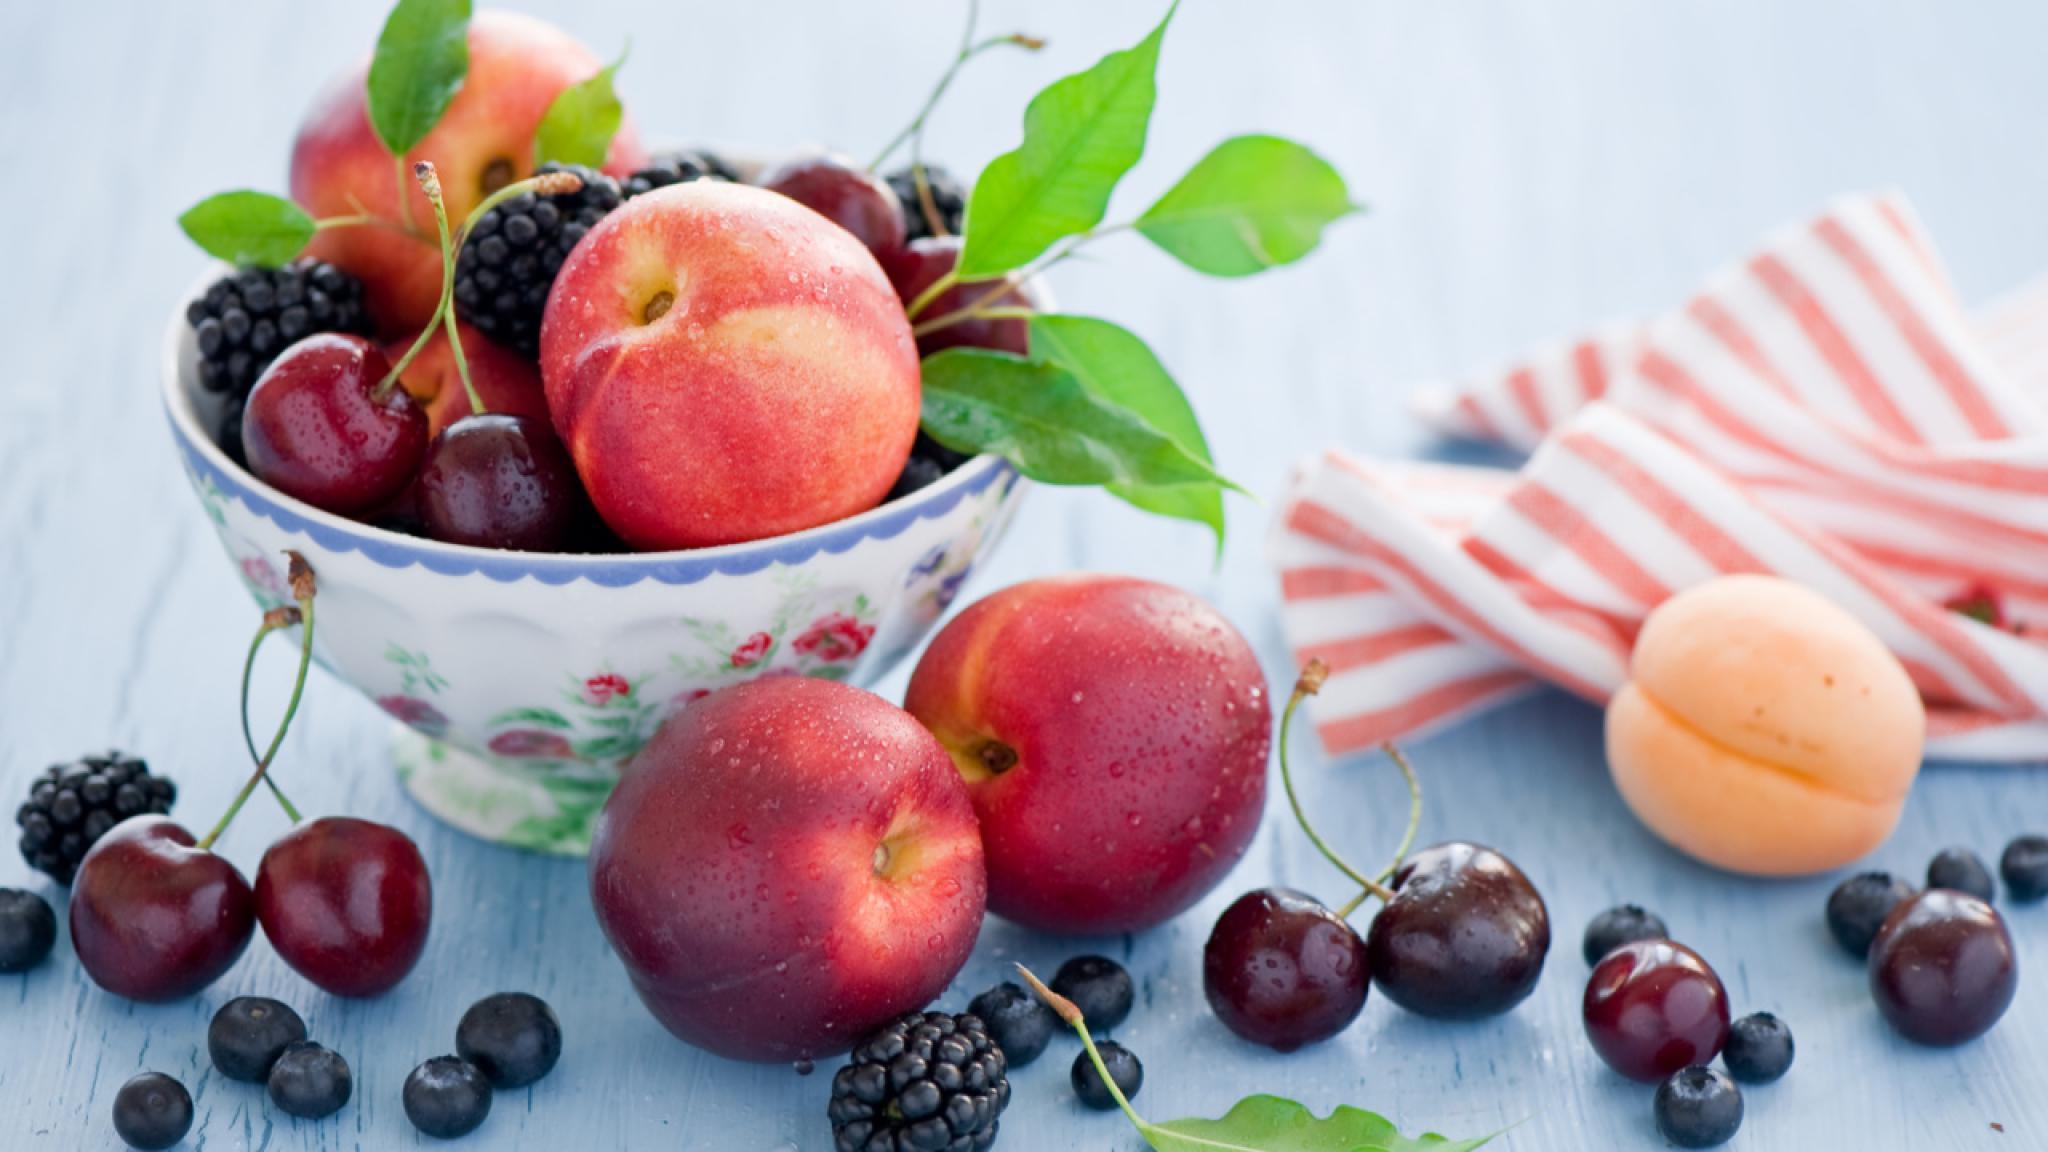 персики вишни ежевика в хорошем качестве